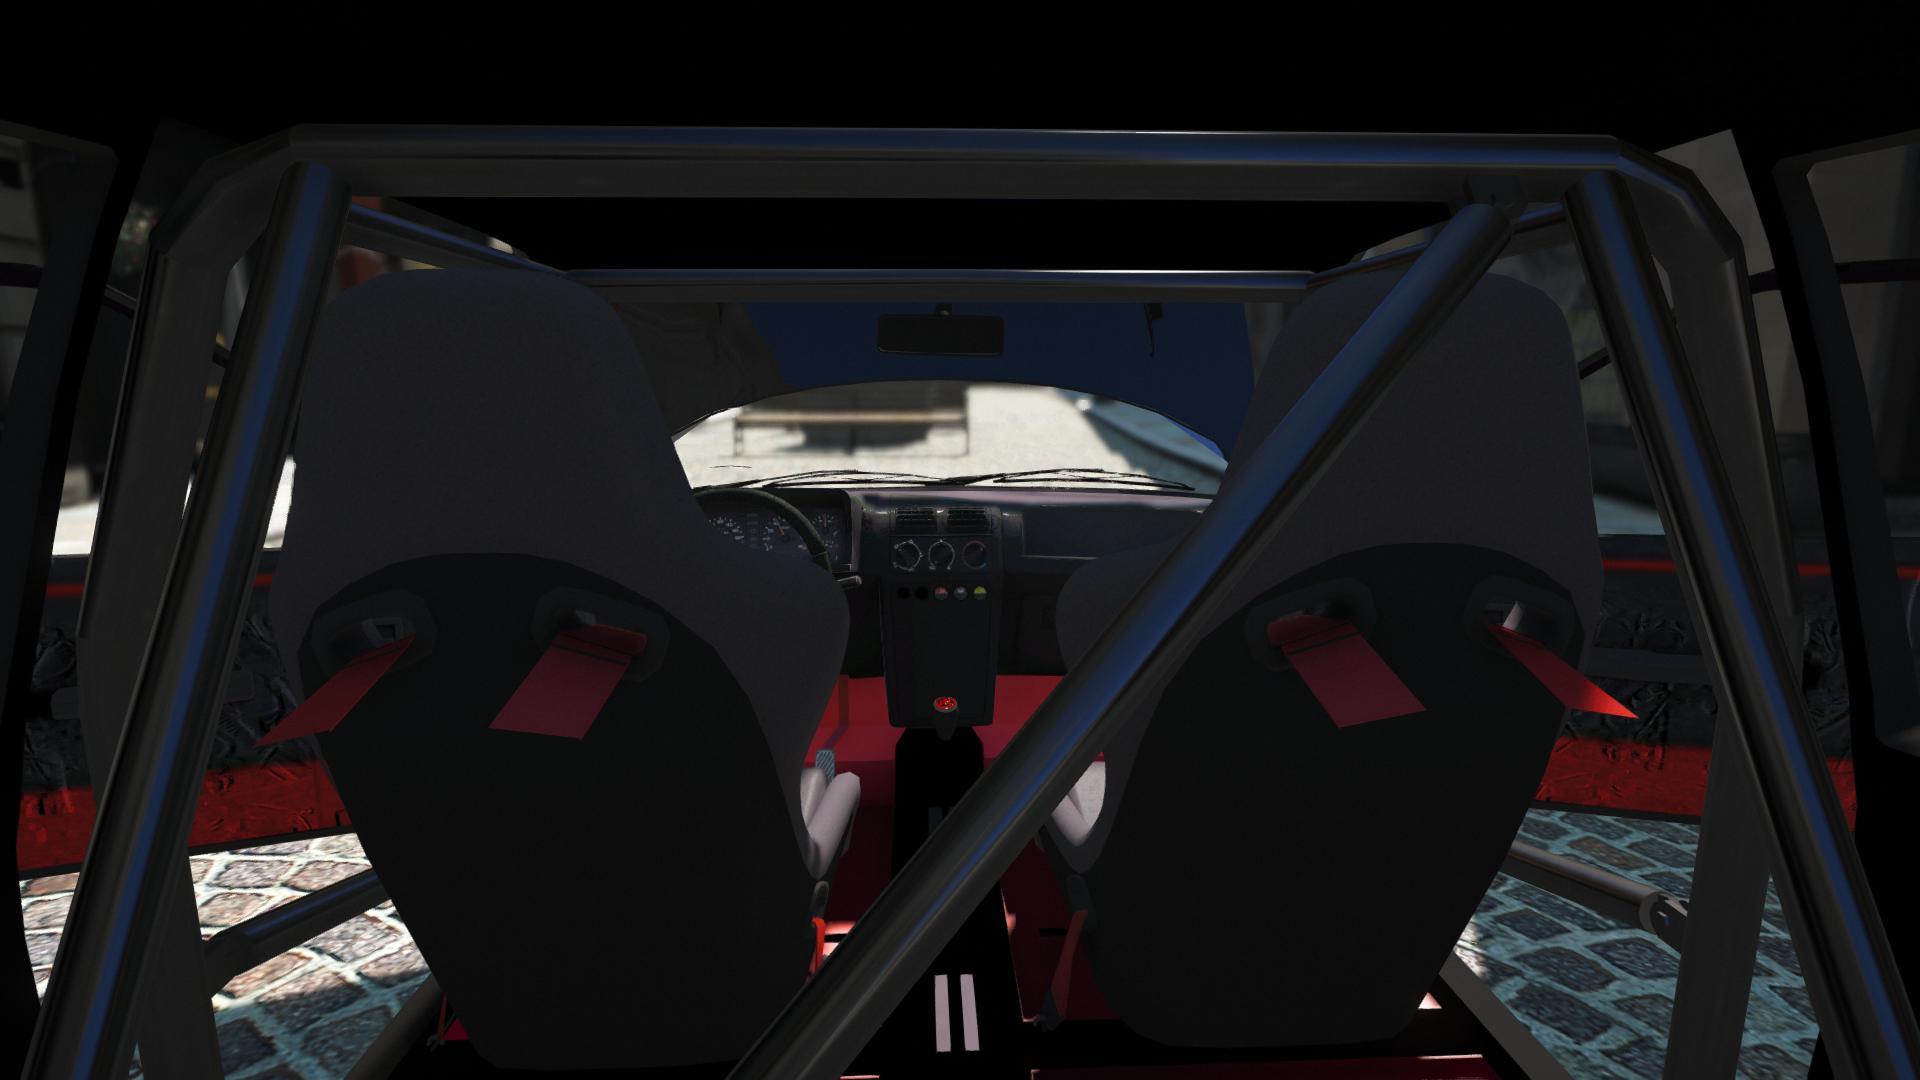 Peugeot 205 GTI [Addon/Replace] - GTA5-Mods com